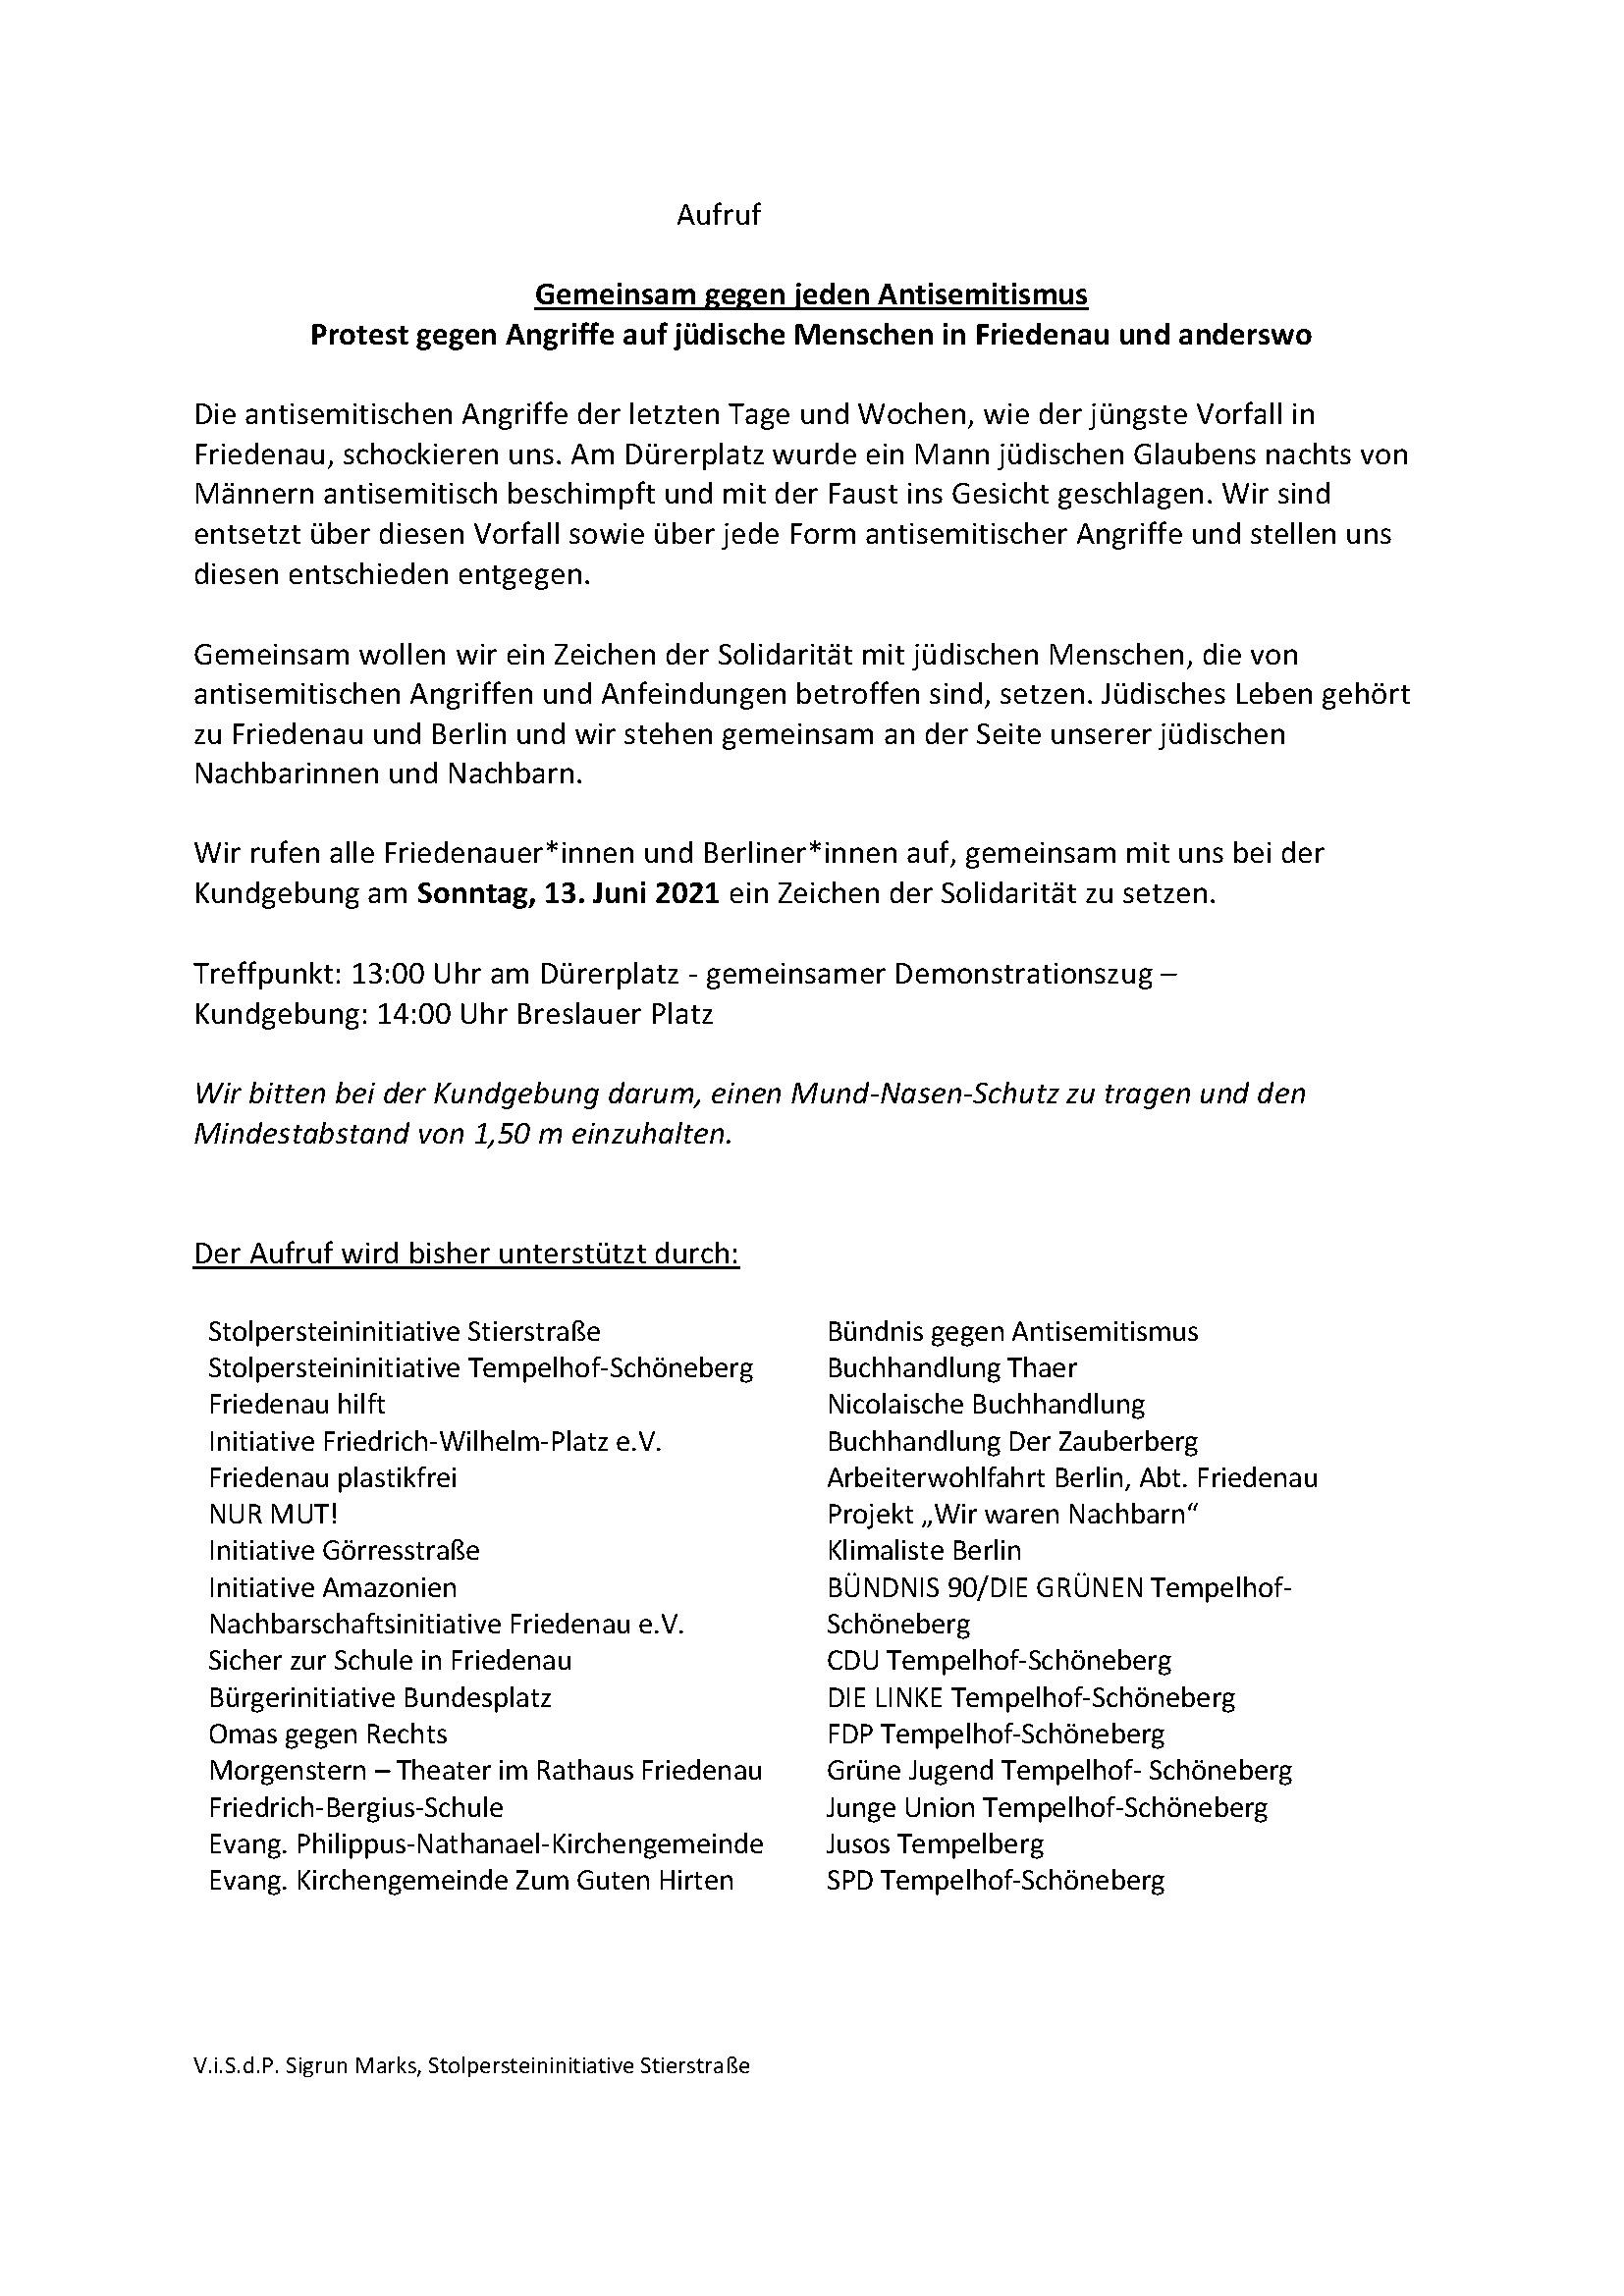 Demonstration & Kundgebung Gemeinsam gegen jeden Antisemitismus - Protest gegen Angriffe auf jüdische Menschen in Friedenau und anderswo